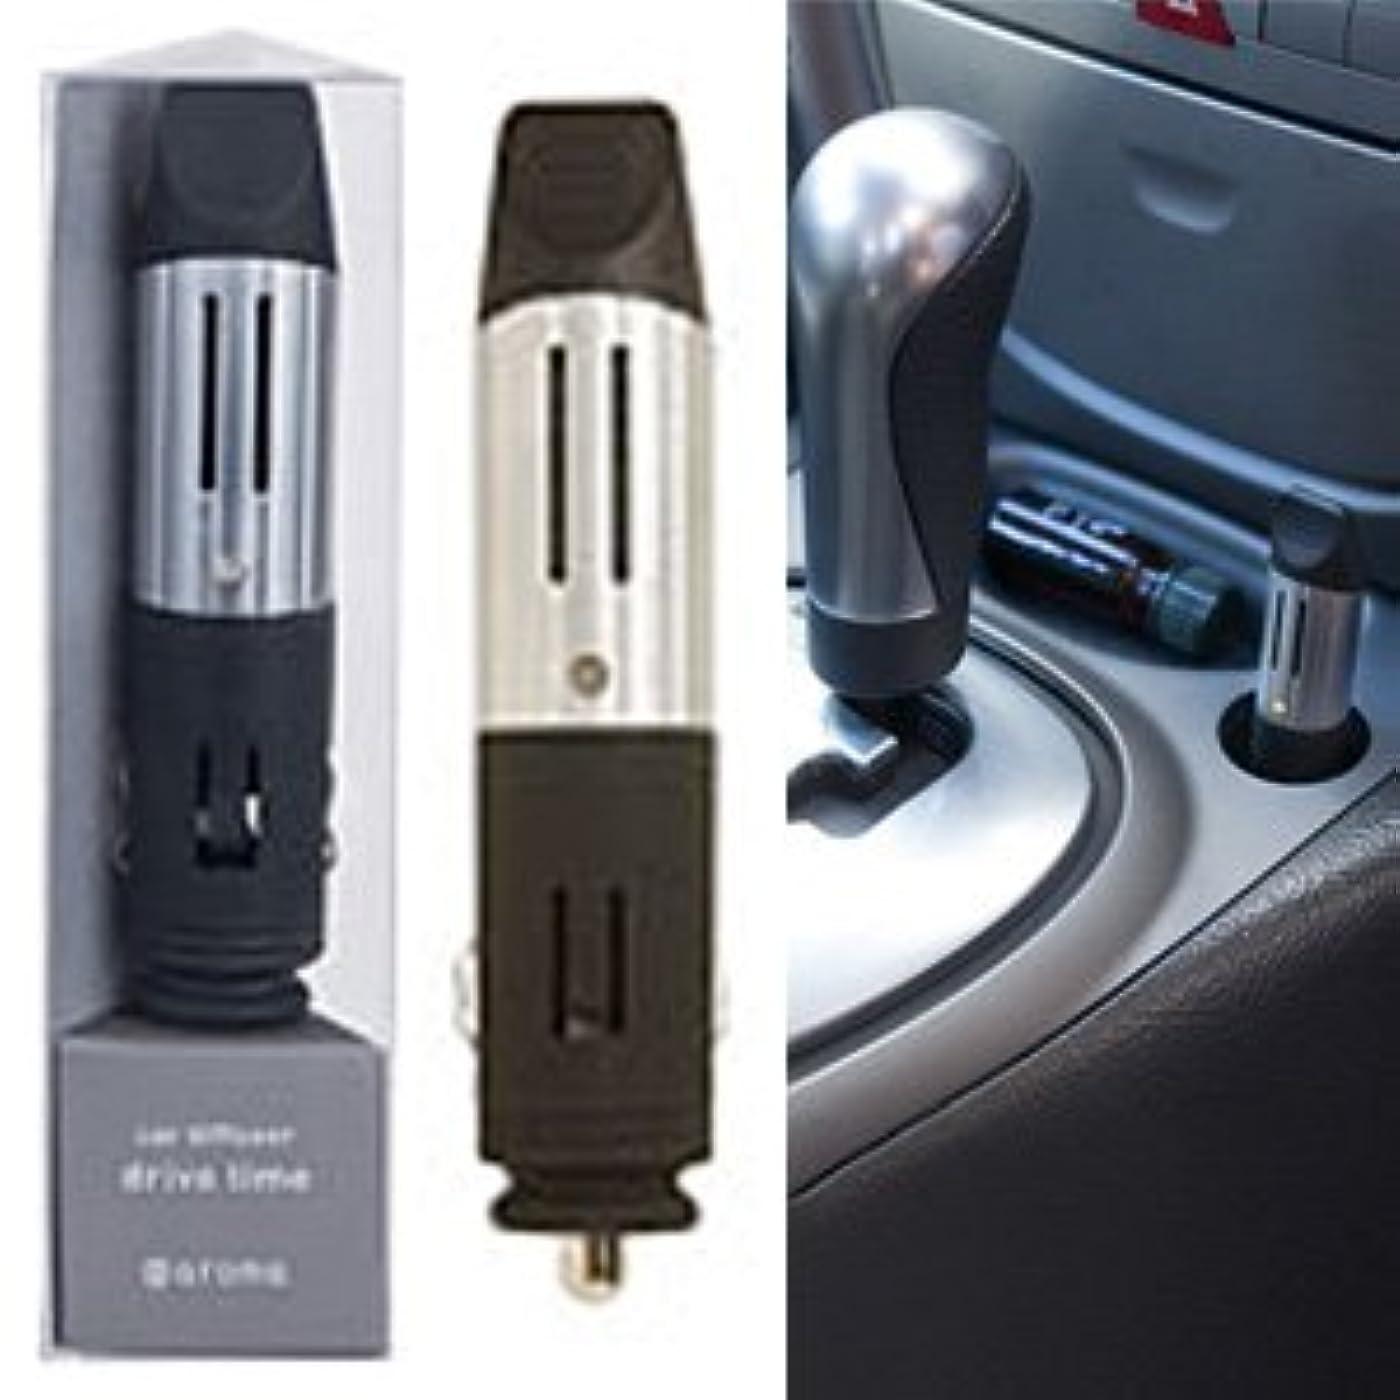 ミュート毎日フレット車用アロマディフューザー ドライブタイム [ソケットタイプ/DC12V電源] カラー:シルバー